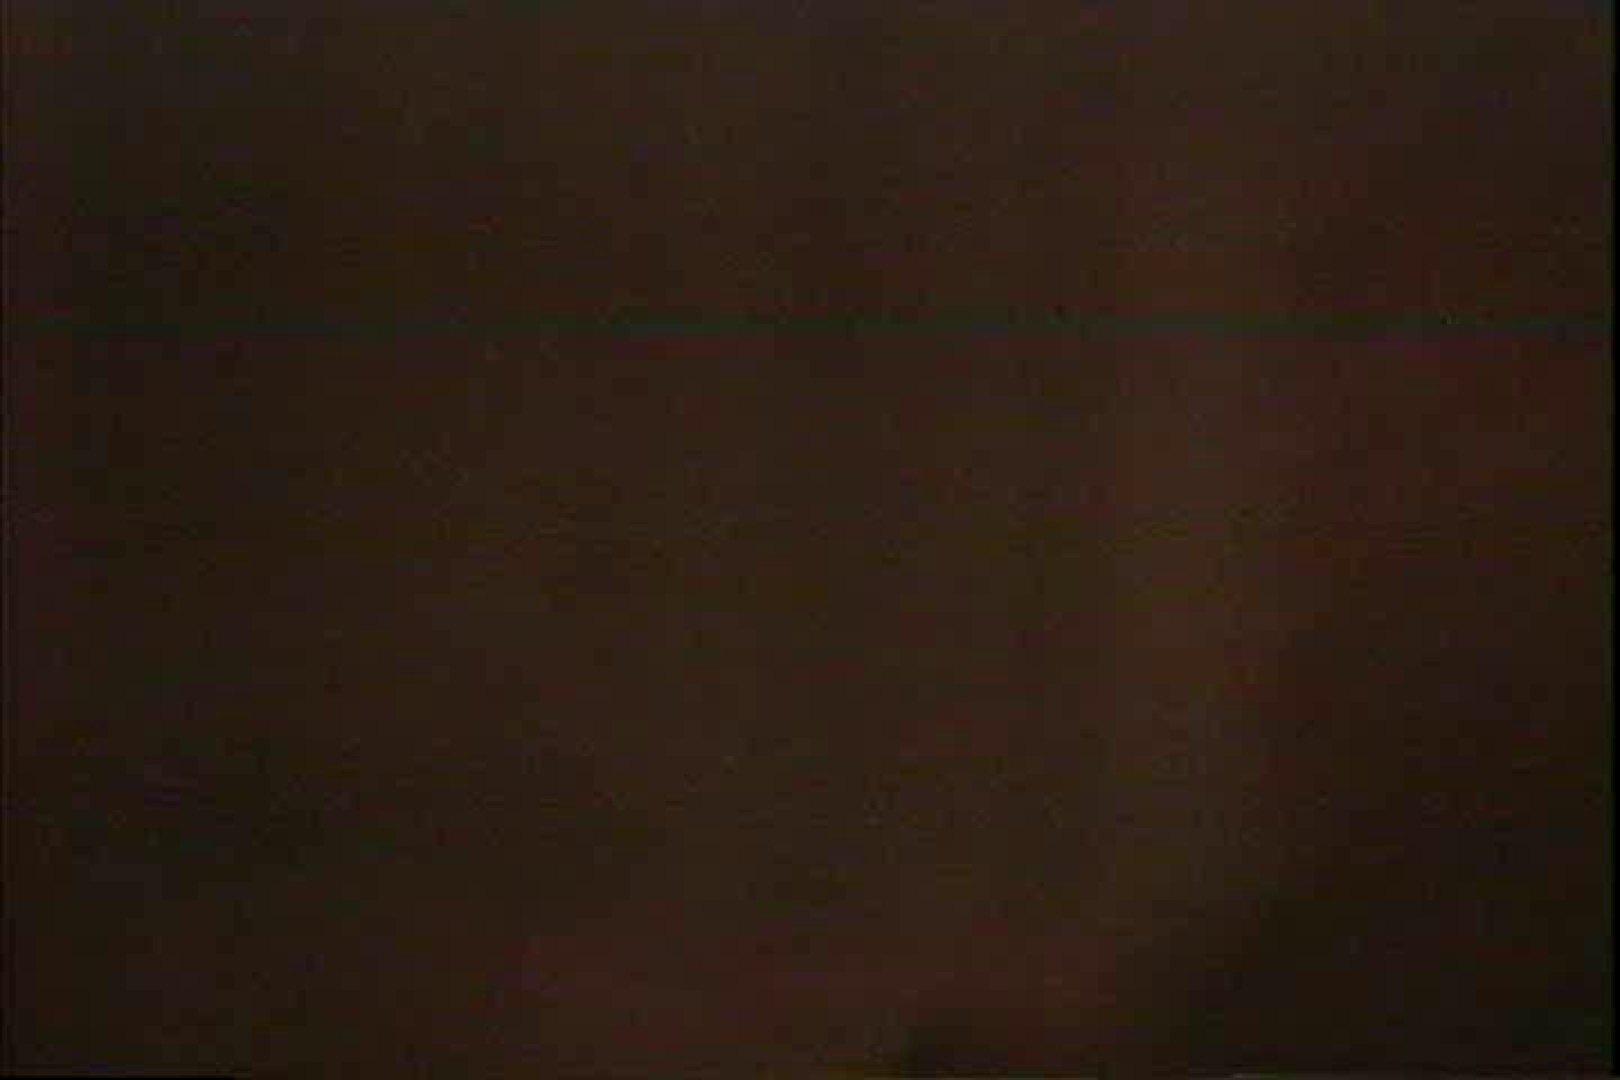 闇の仕掛け人 無修正版 Vol.19 美しいOLの裸体 アダルト動画キャプチャ 106pic 44